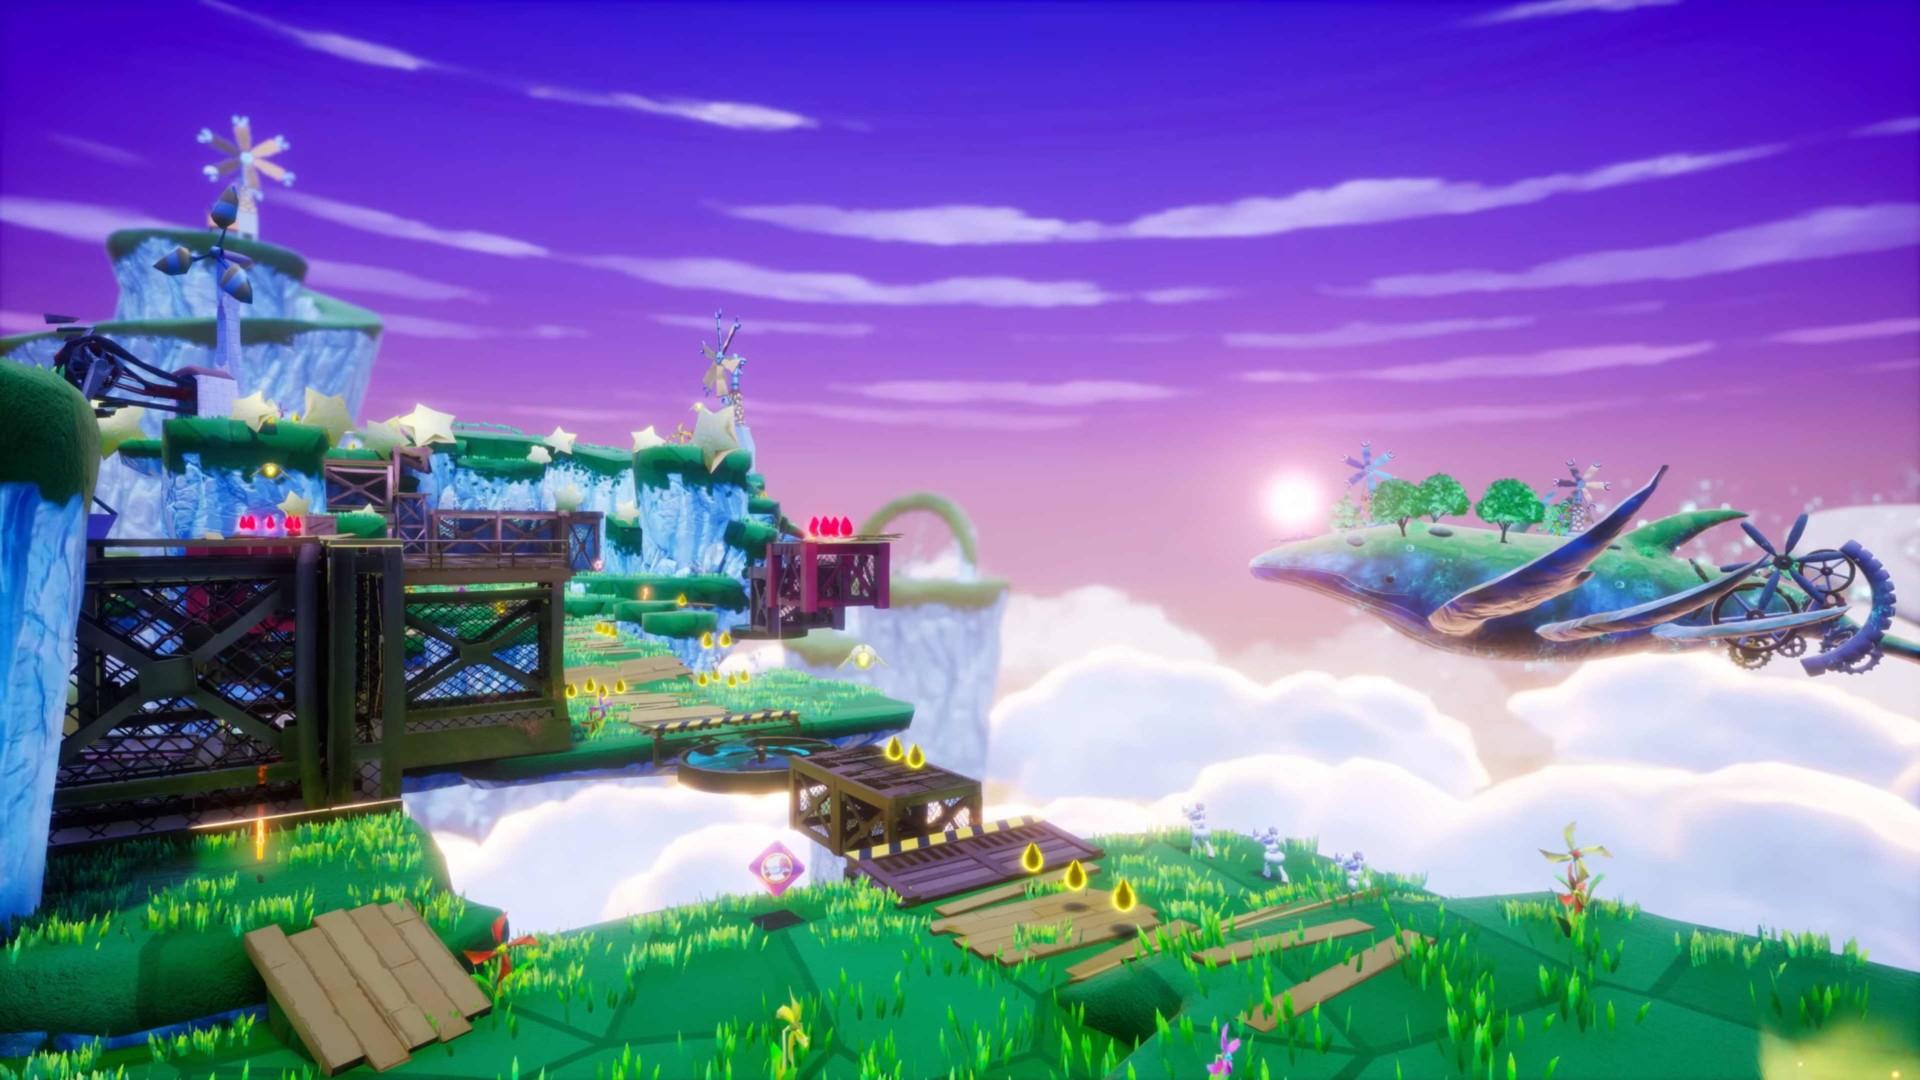 Демоверсия Balan Wonderworld выйдет на всех основных платформах 28 января